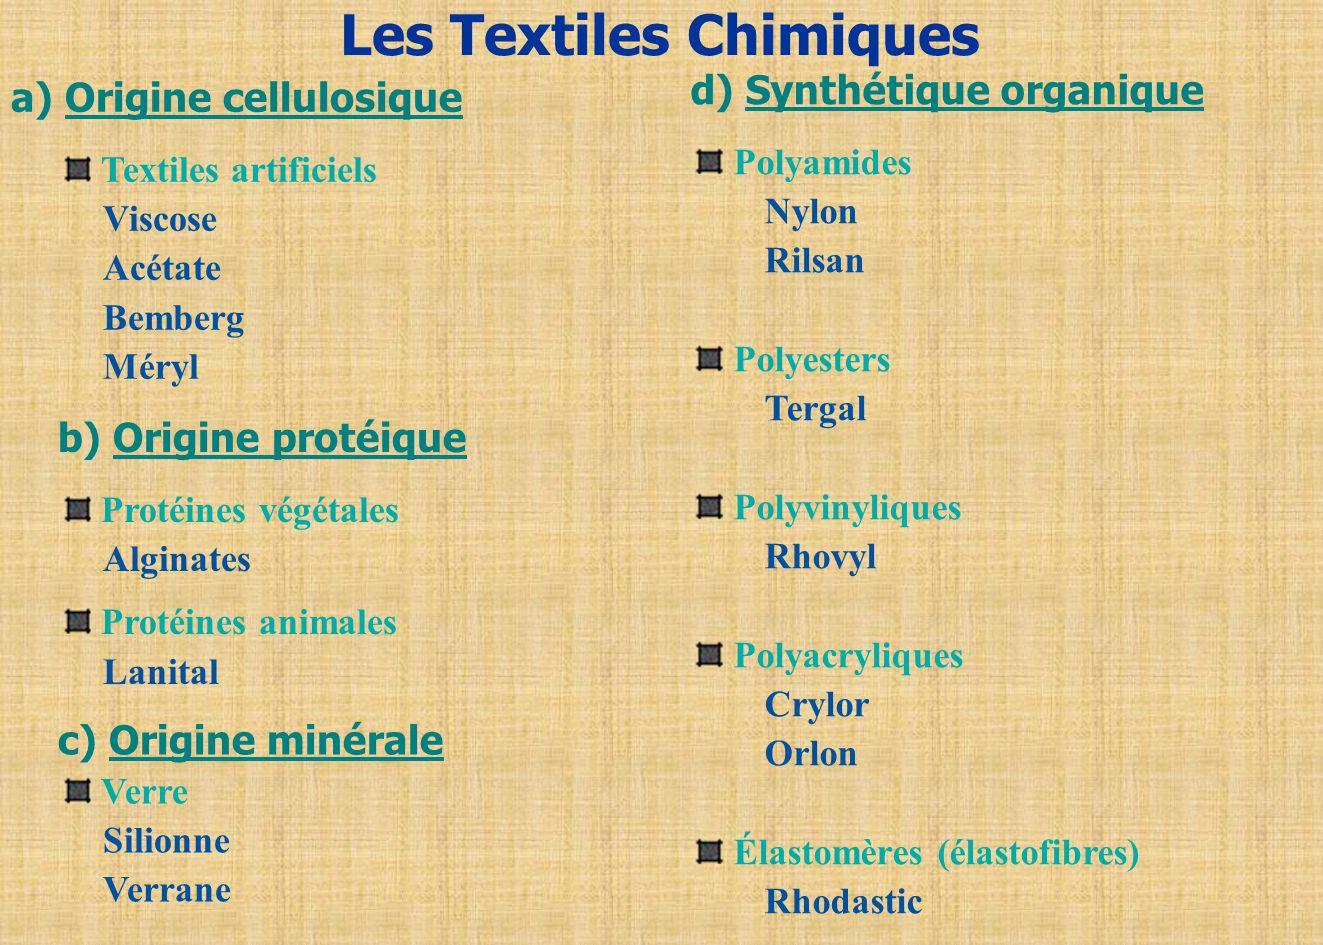 Les Textiles Chimiques